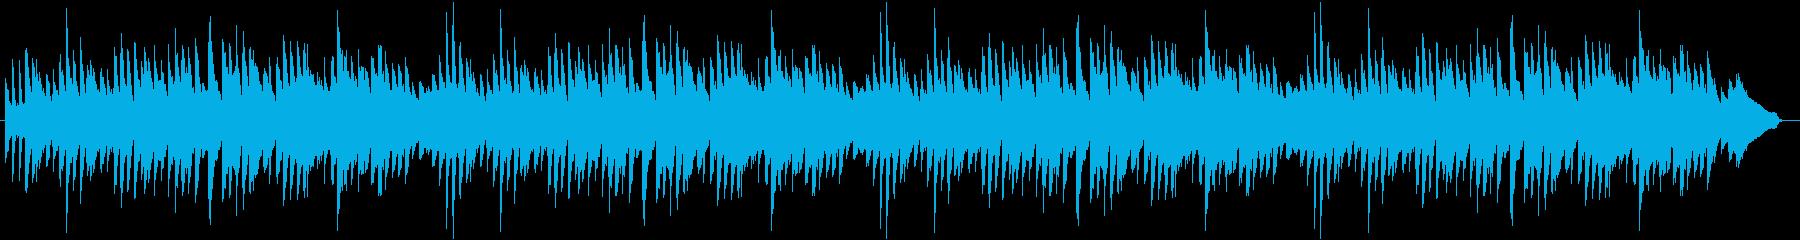 静かでたわやかなハートフルピアノBGMの再生済みの波形